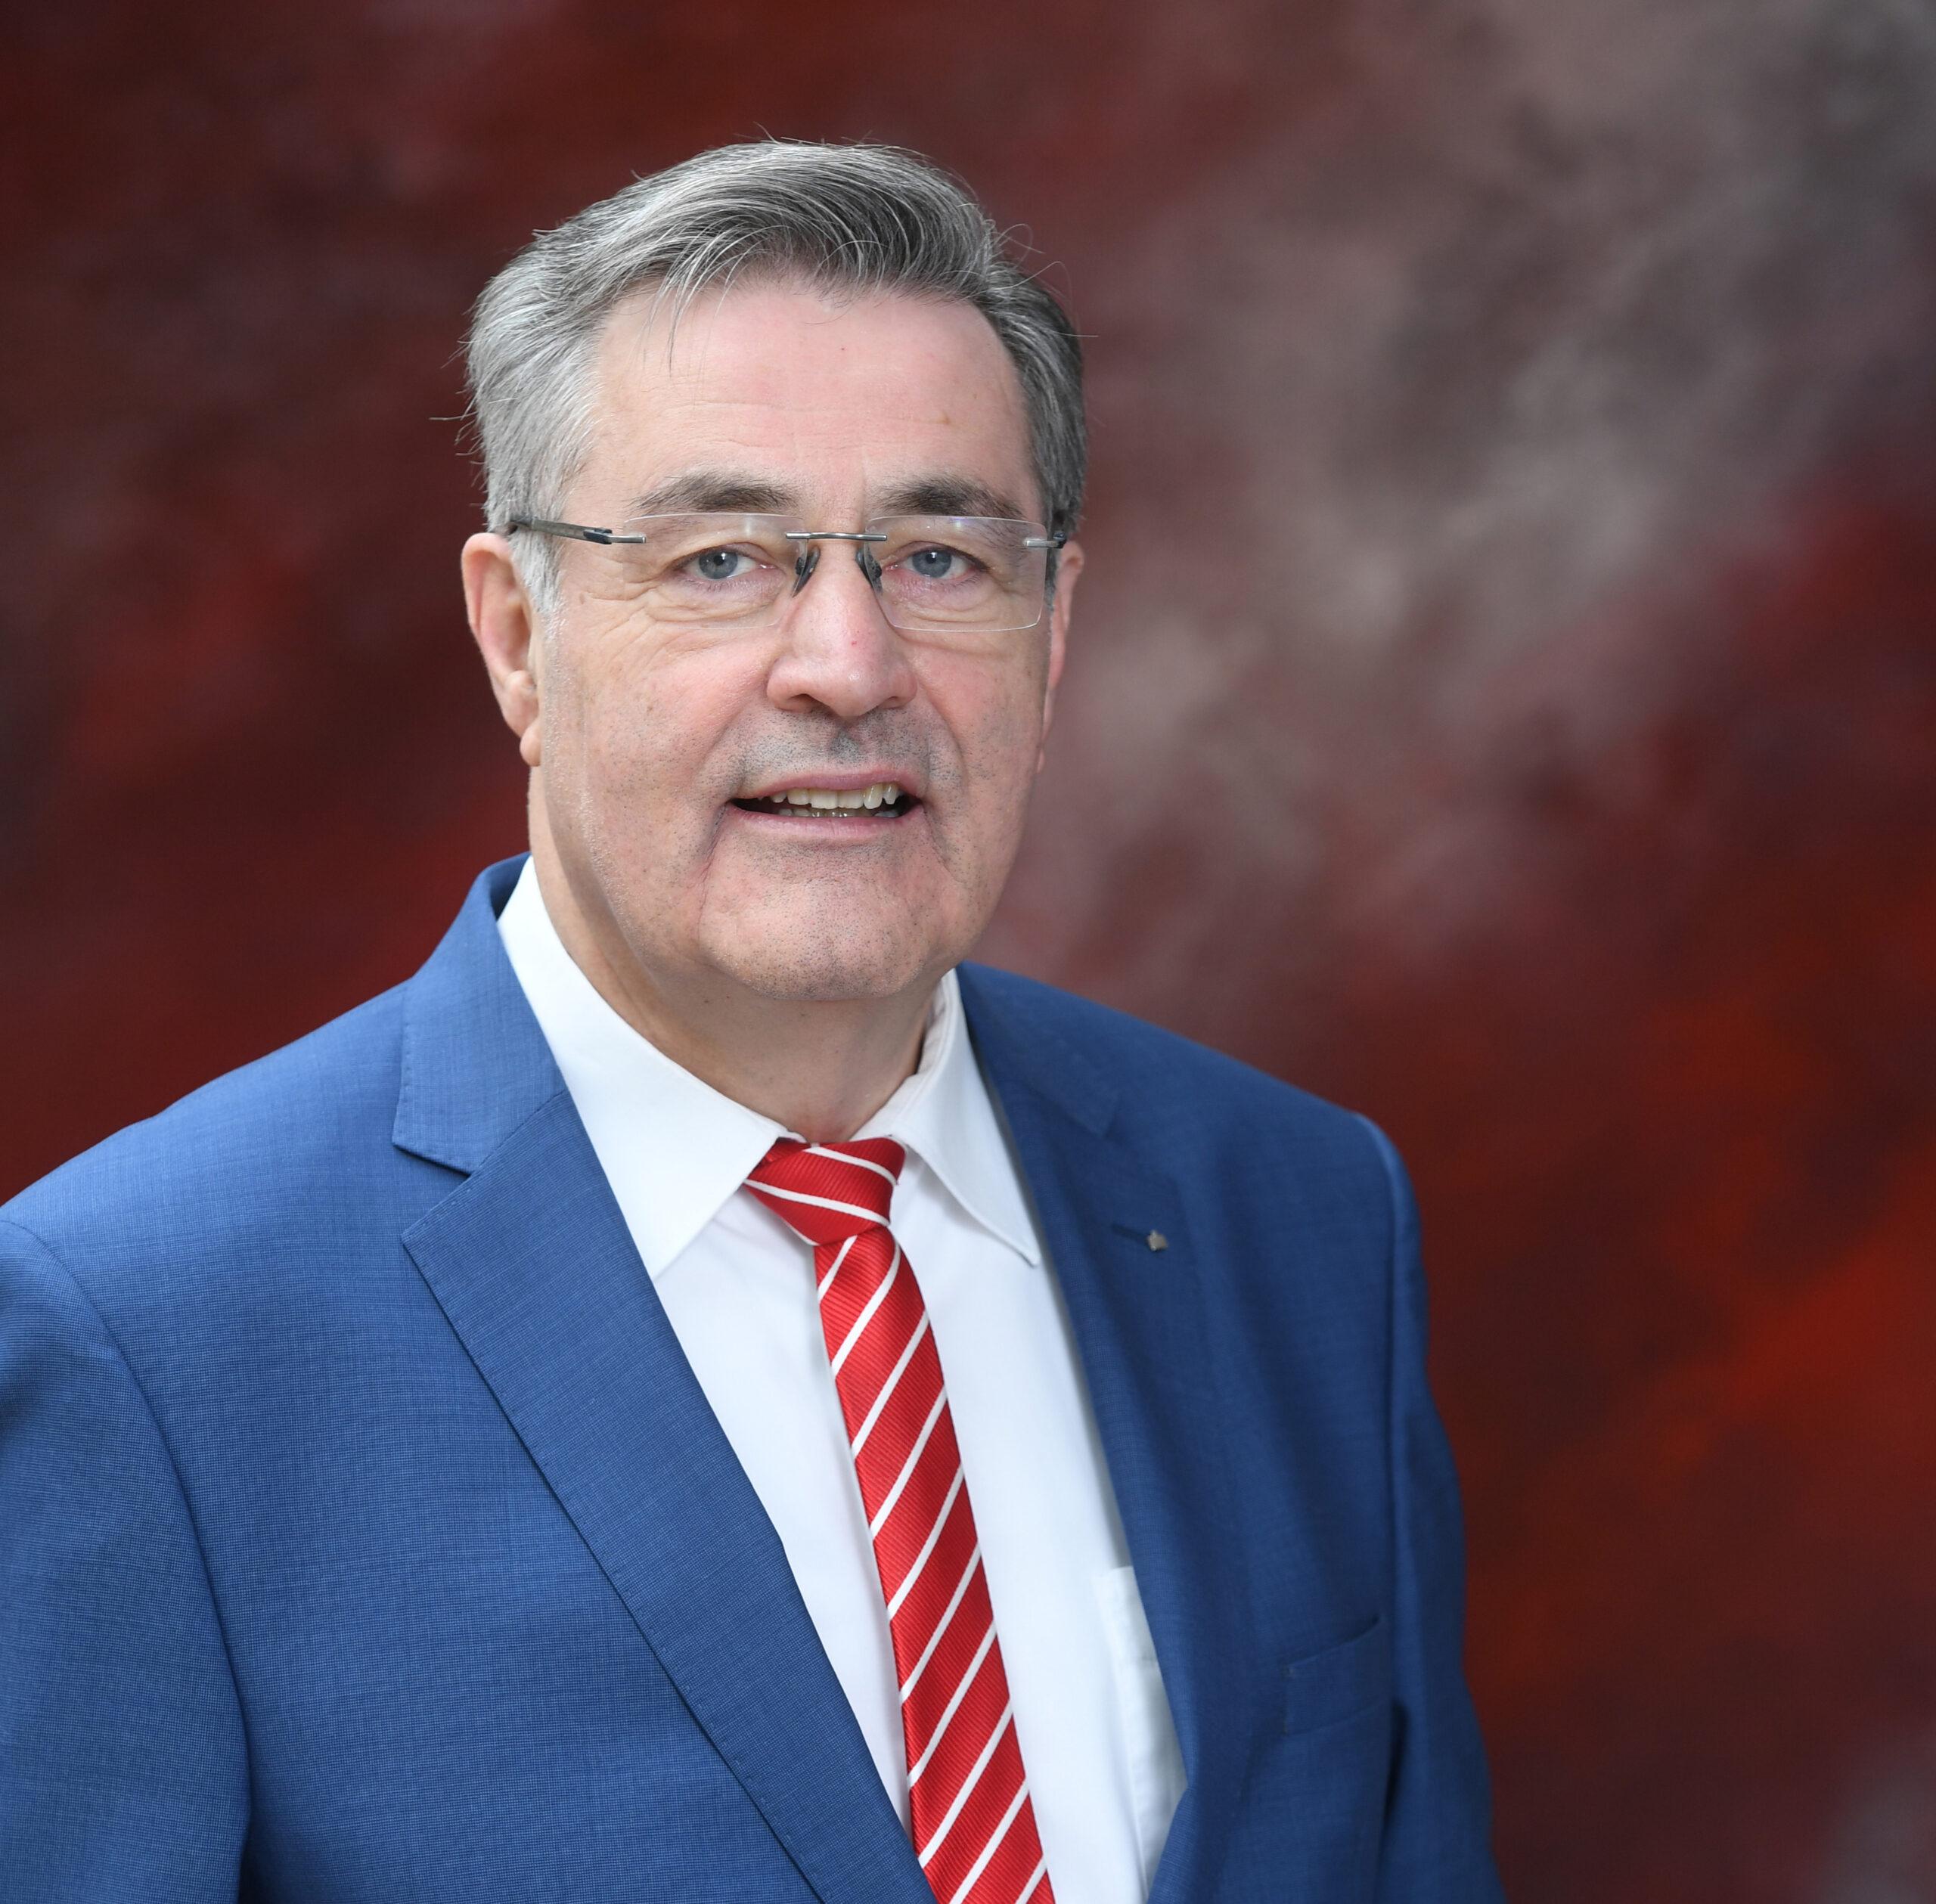 Horst Schönfeld übernimmt Vorstandsvorsitz bei der Kreissparkasse Augsburg